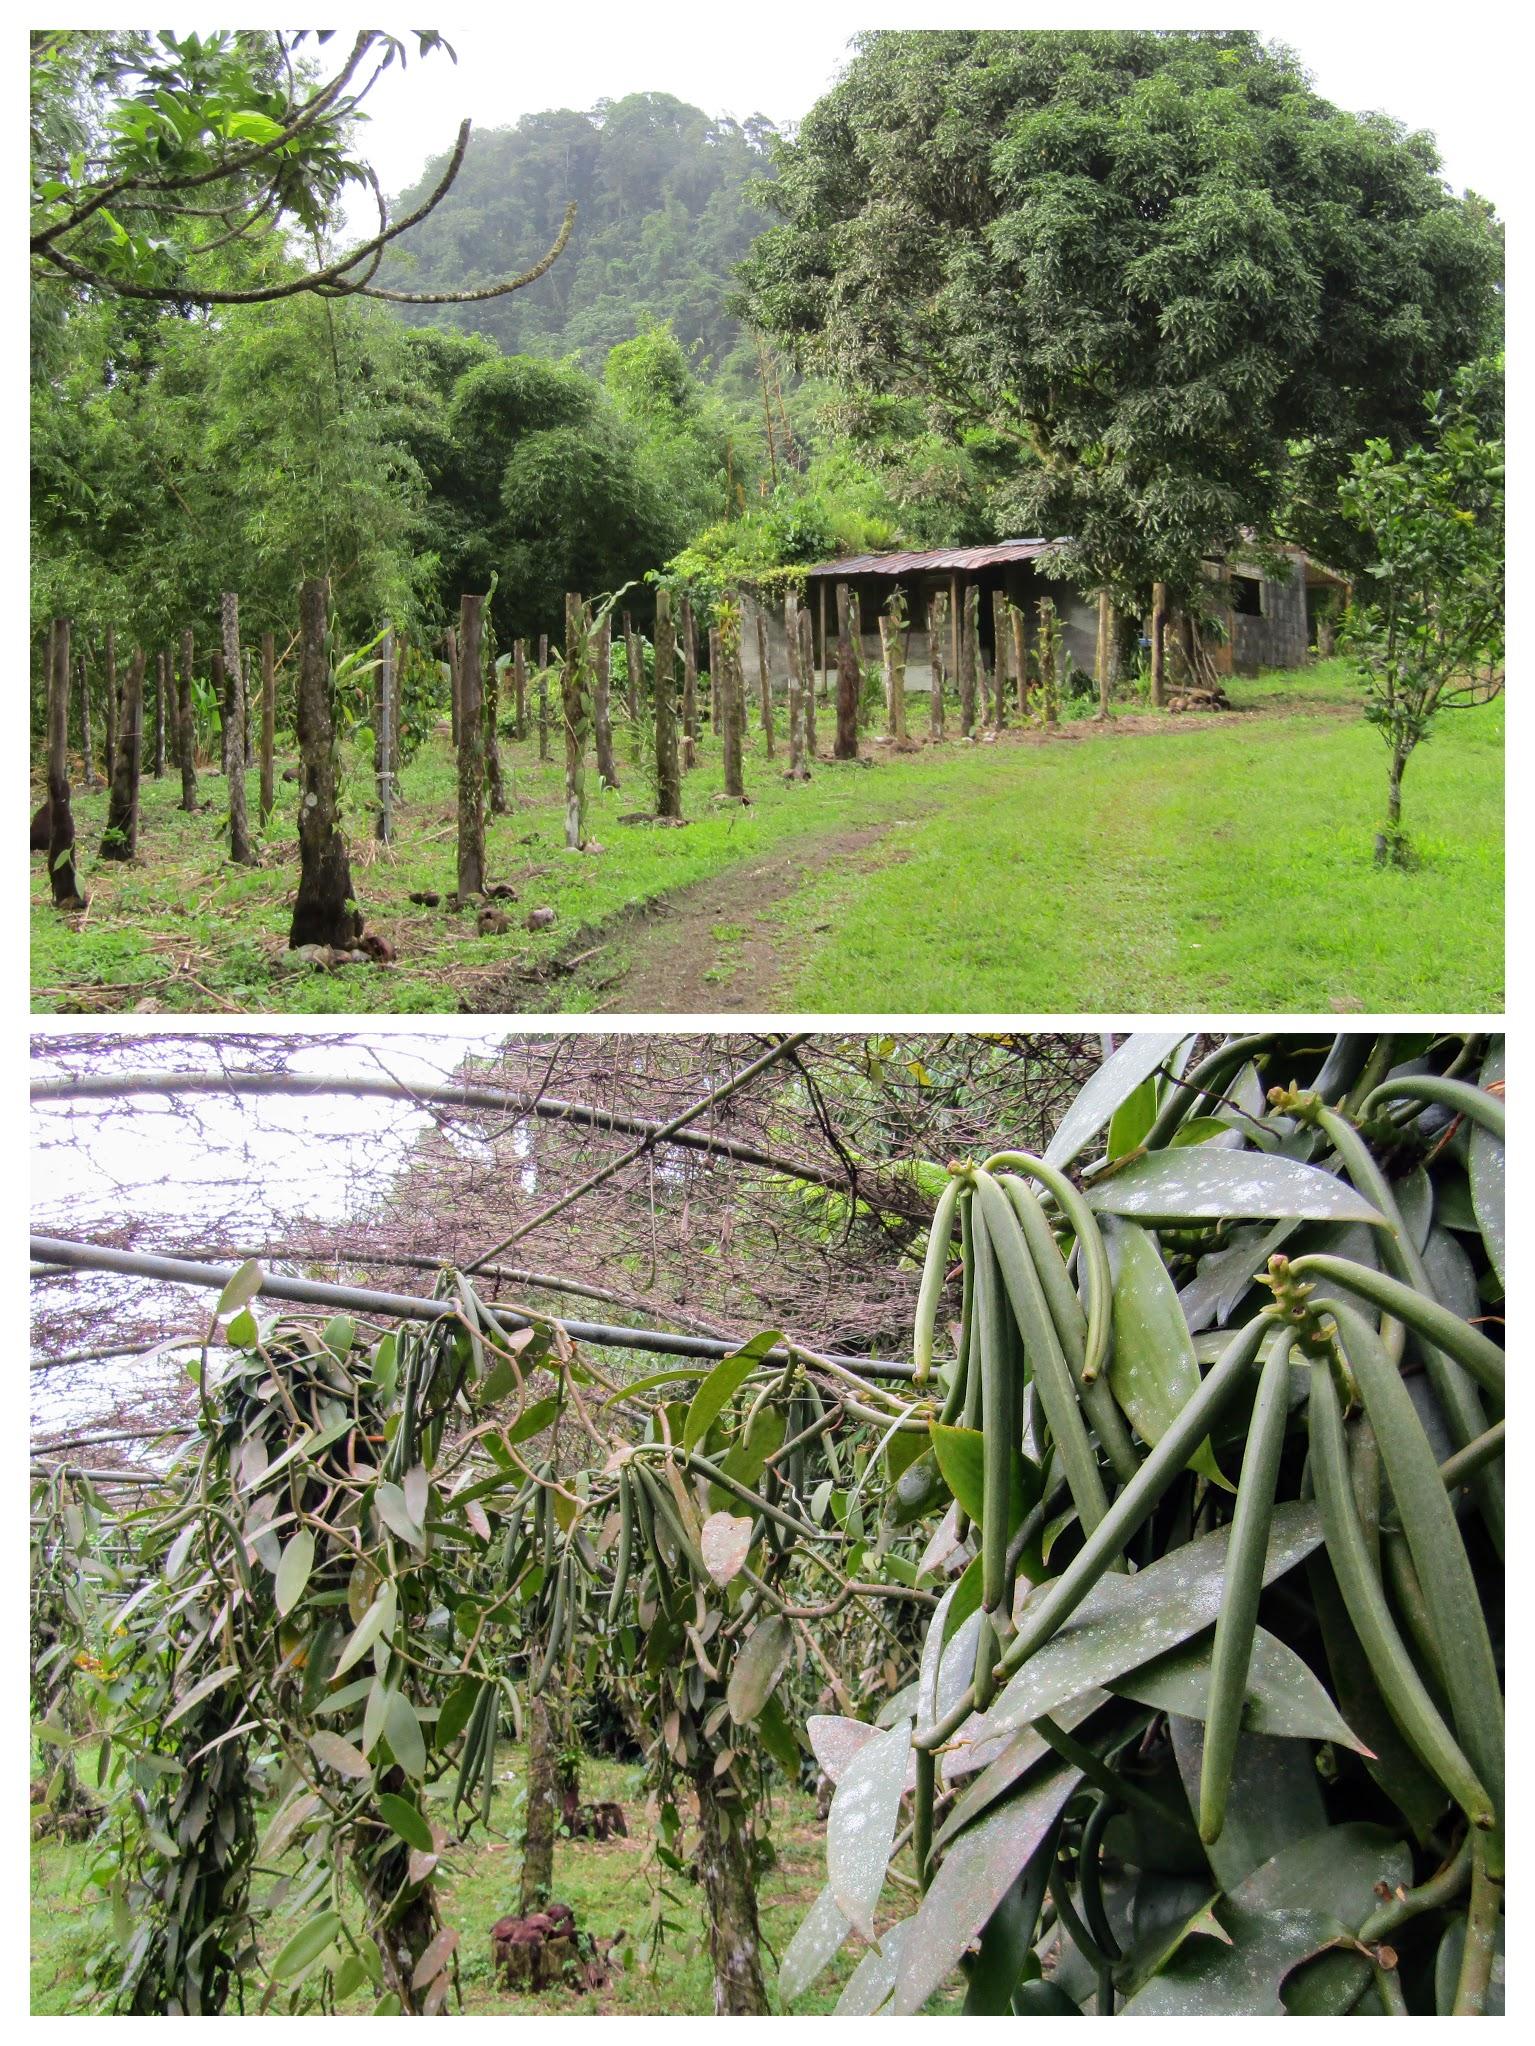 Agritourisme - Cultures de Vanille au Domaine de la Vallée Martinique